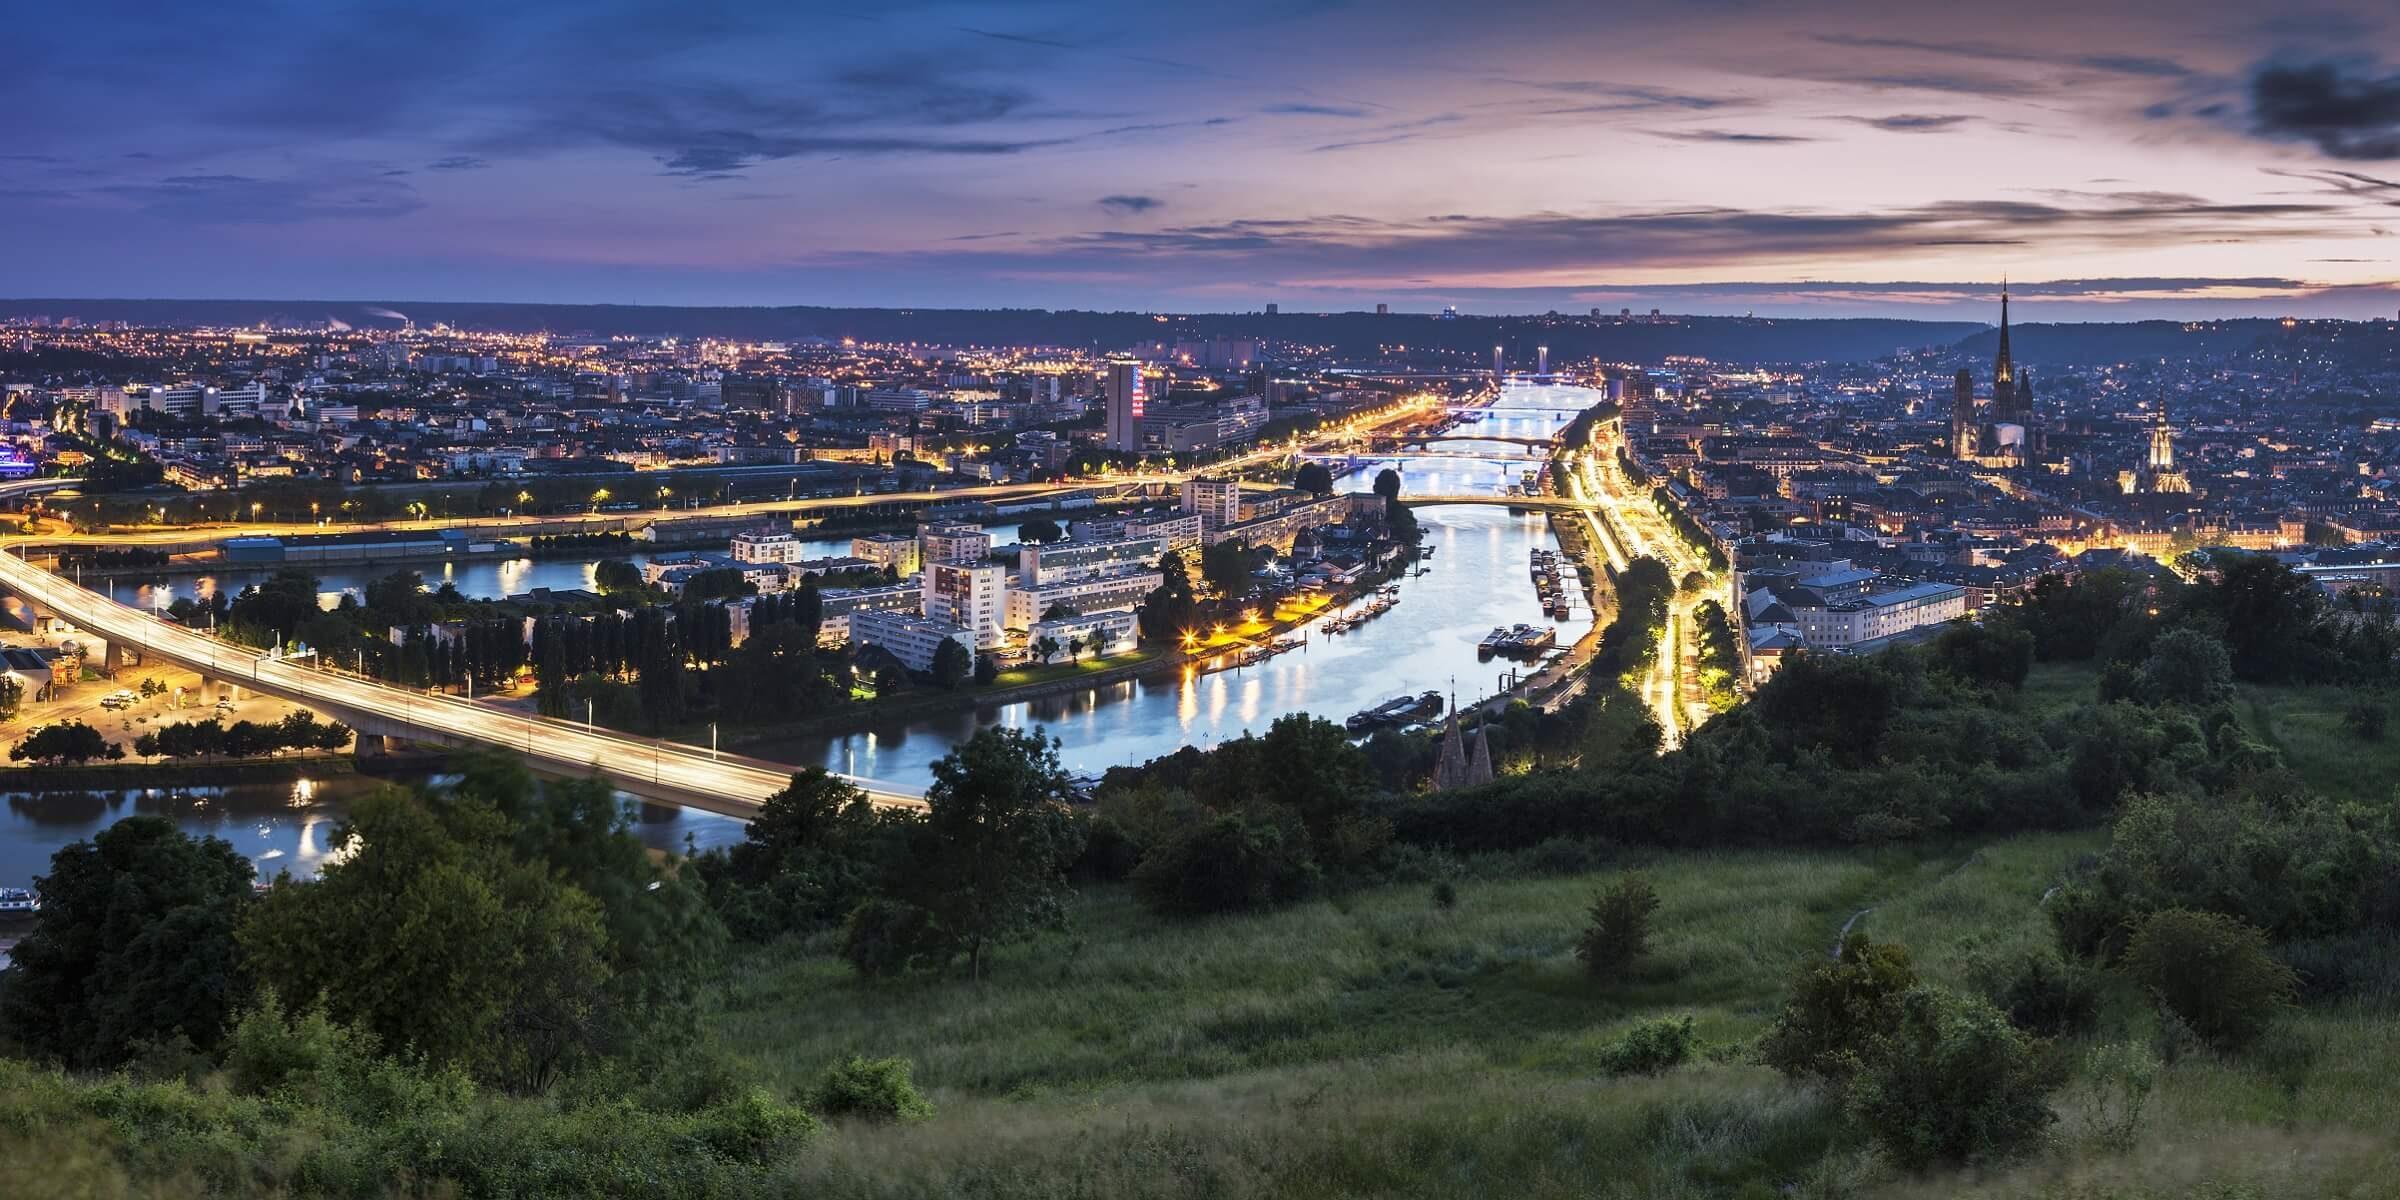 Rouen in der Normandie bei Sonnenuntergang